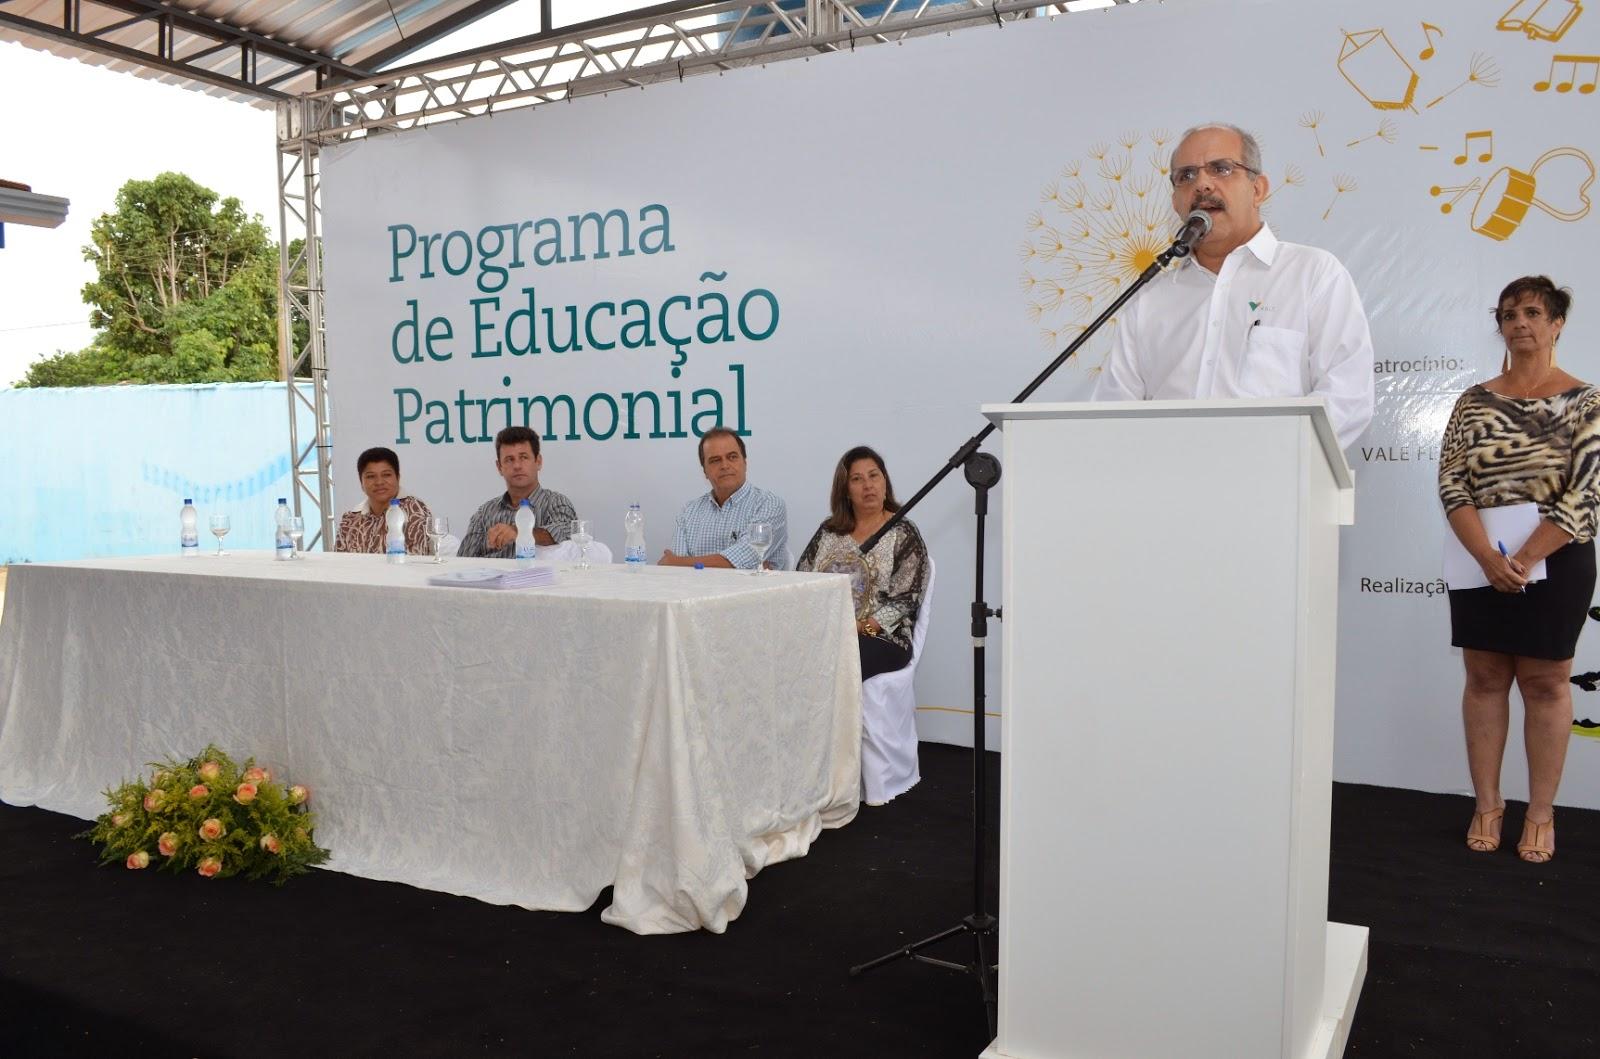 Obra de ampliação e reforma da Escola Municipal Pedro Netto Paranhos  #3A6B74 1600 1059